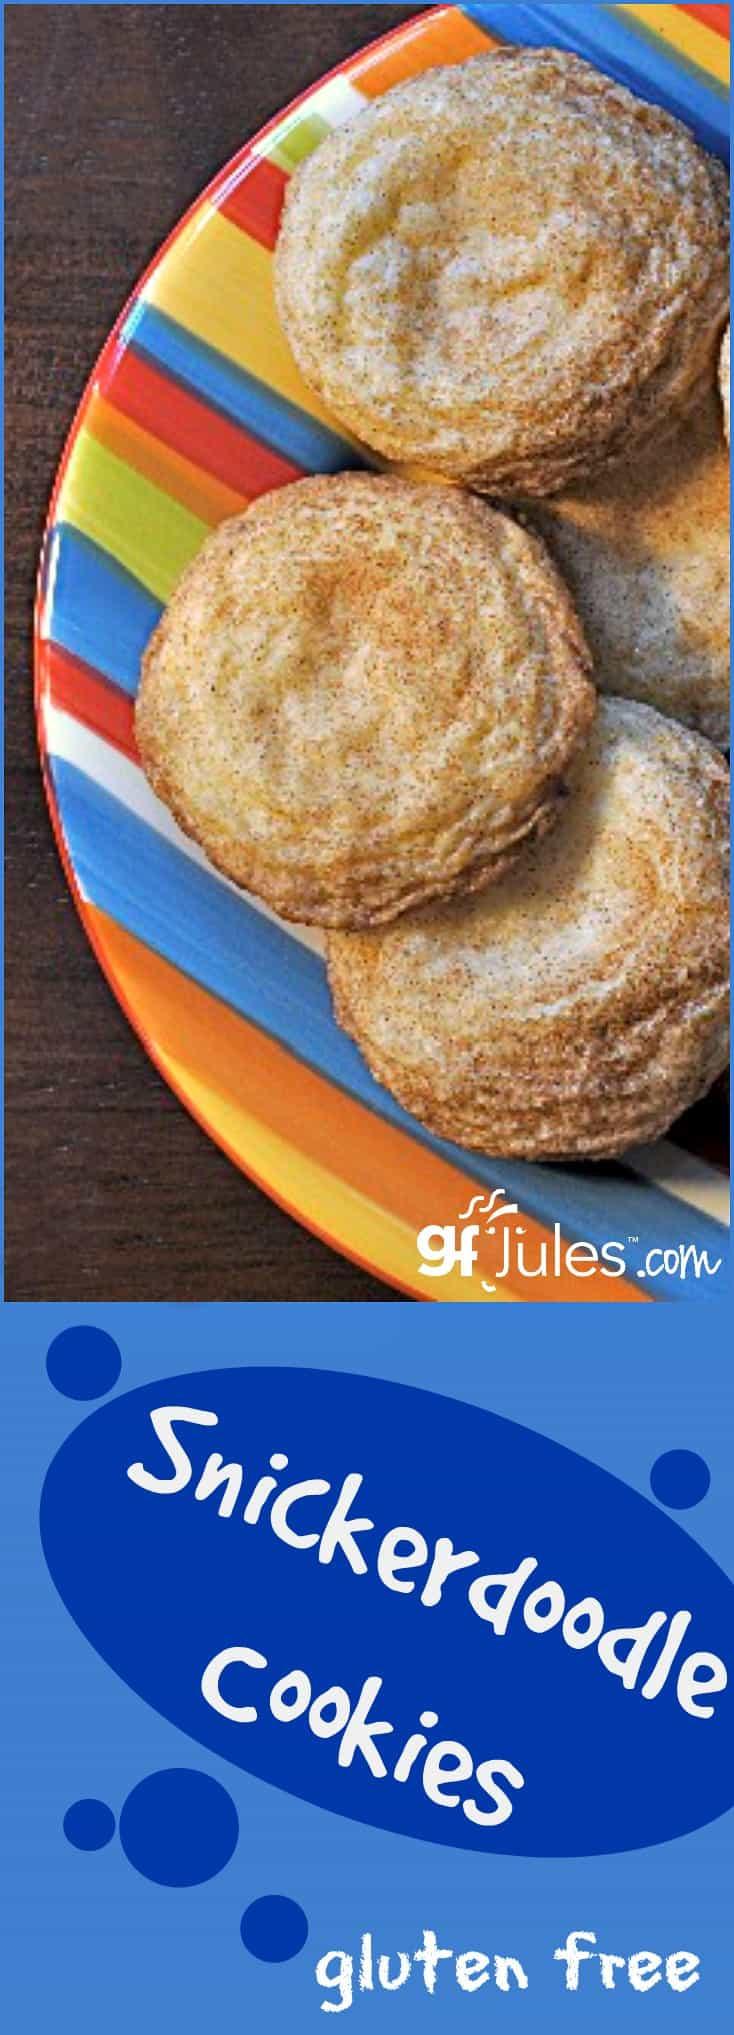 Gluten Free Snickerdoodles Recipe  Gluten Free Snickerdoodles Recipe gfJules